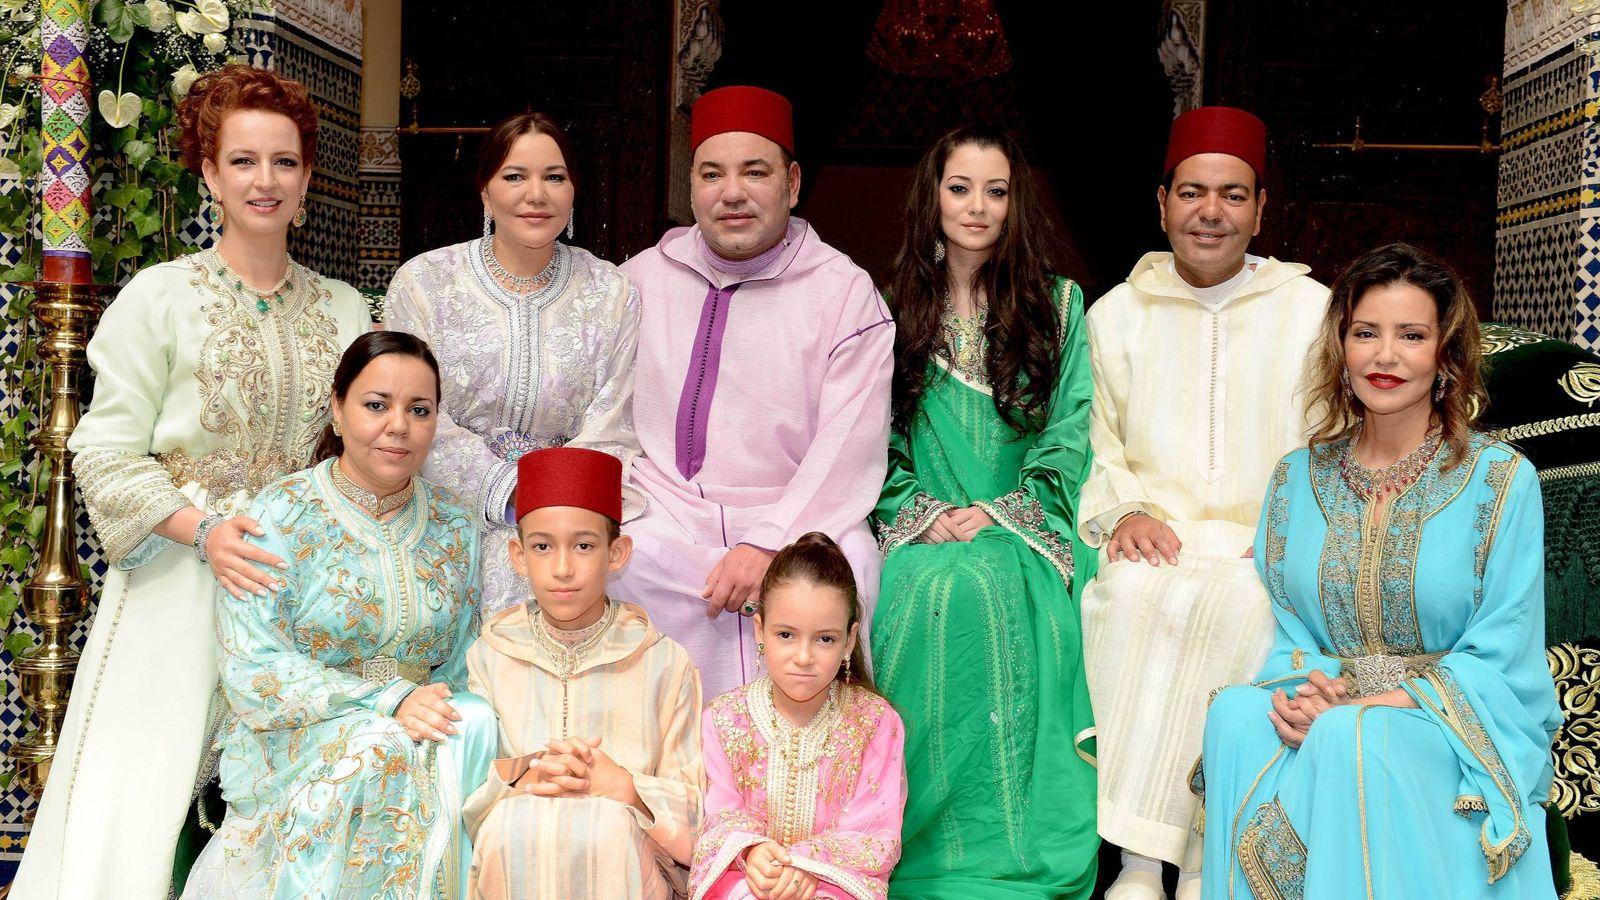 Foto:  La boda de Mulay Rachid y Lalla Oum. De izquierda a derecha, Lalla Salma, Lalla Hassan, Mohammed VI, Lalla Oum, Mulay Rachid y Lalla Meryem. Abajo, Lalla Asma, Mulay Hassan y Lalla Kadhija. (CP)